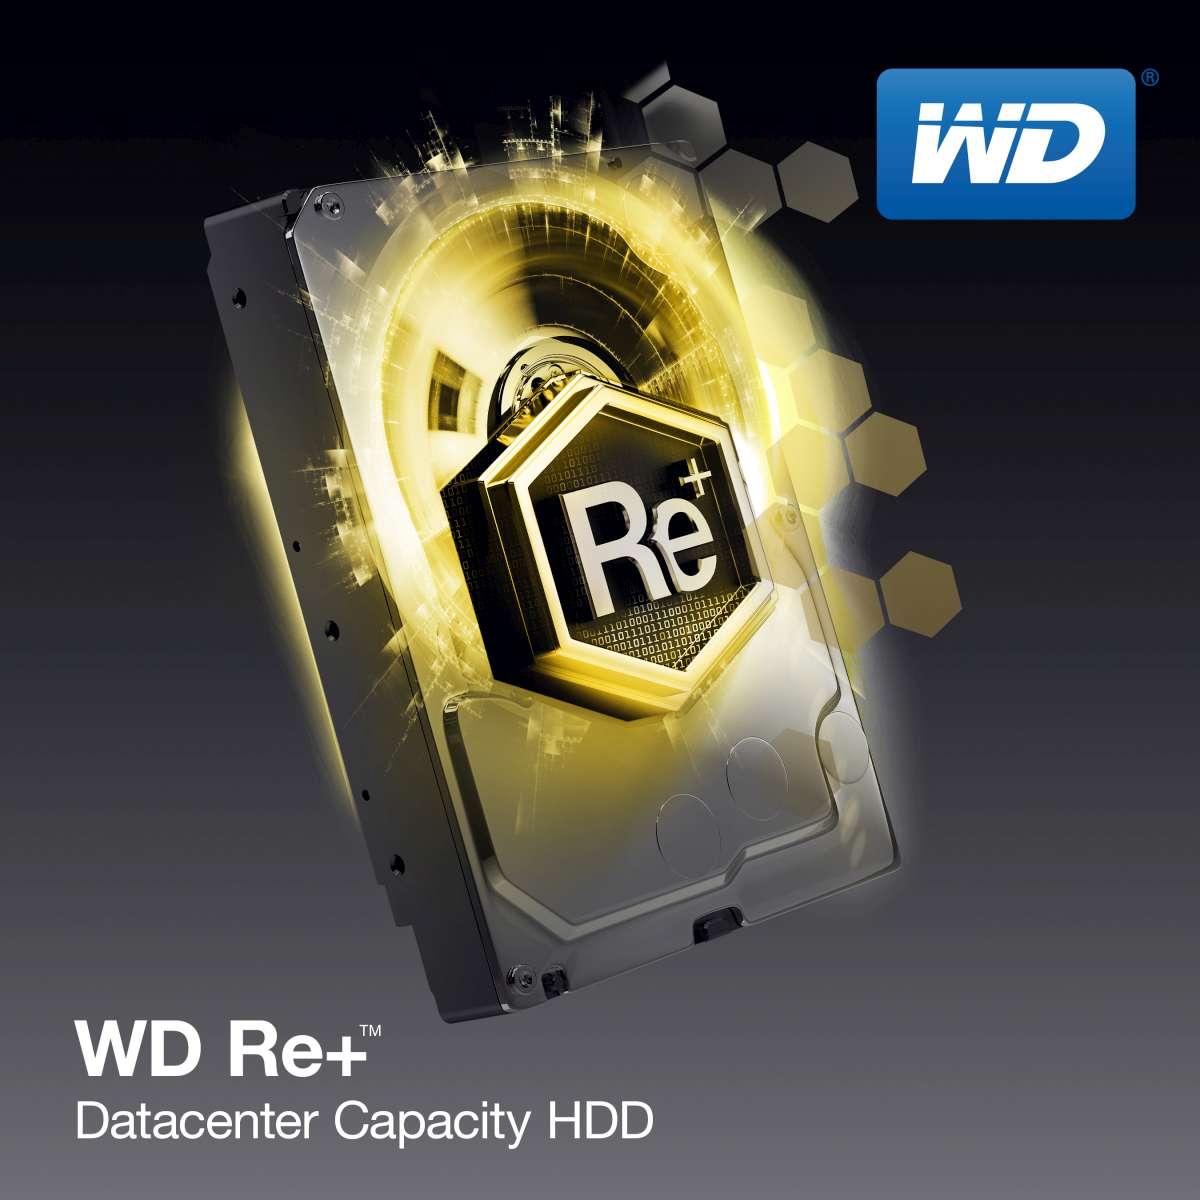 WD_2015-03-16_WD Re+ 6TB_BGBlack